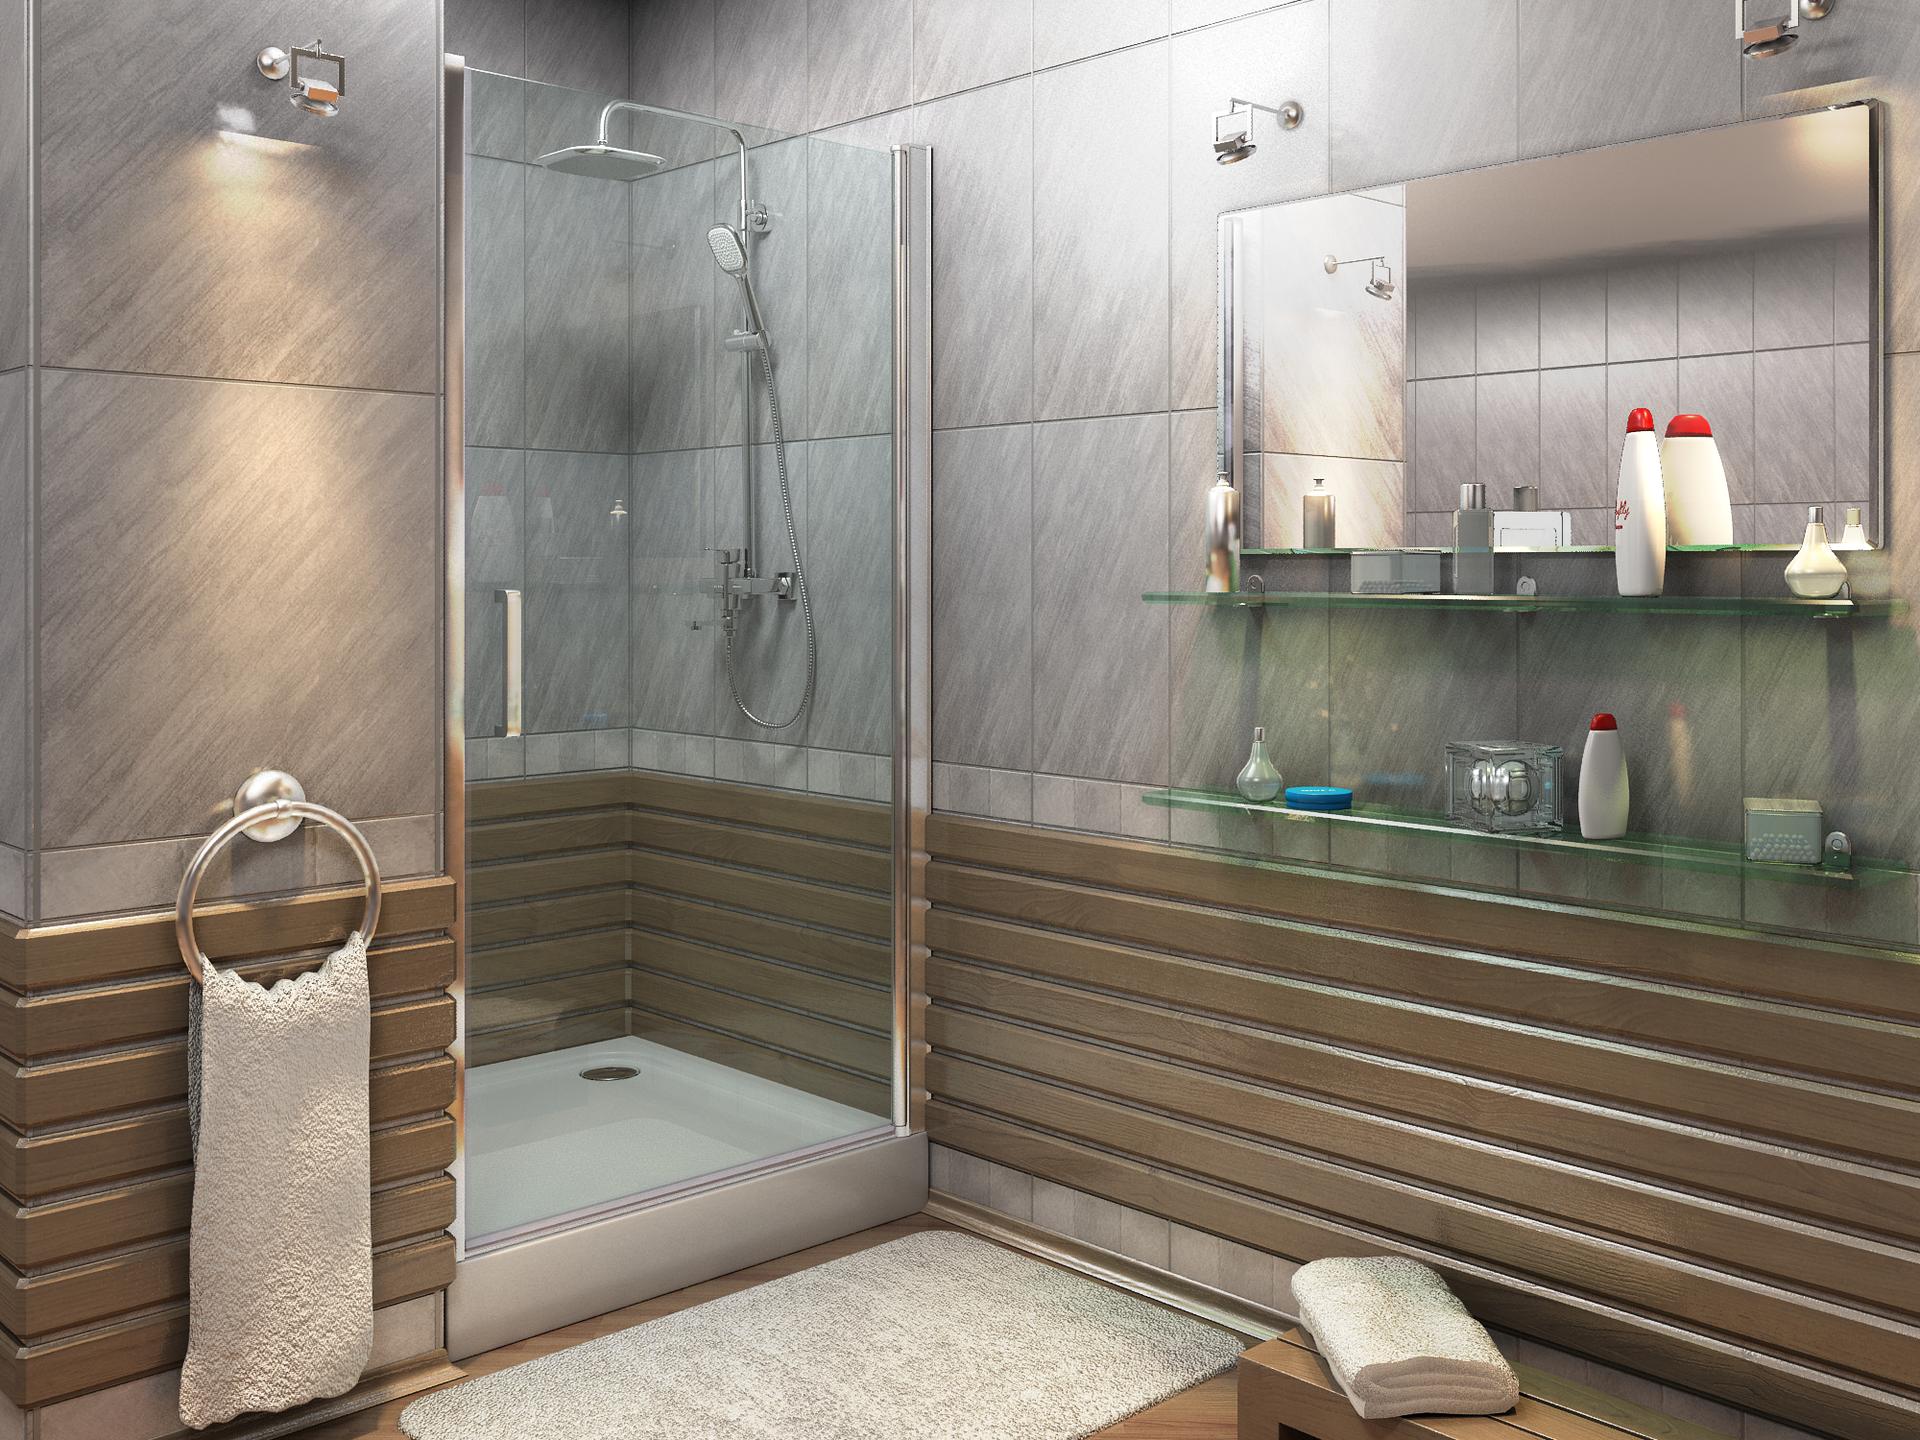 d4295f23d8028ae5a6c0aed4c3c99b70 - Идеи для ремонта в маленькой ванной